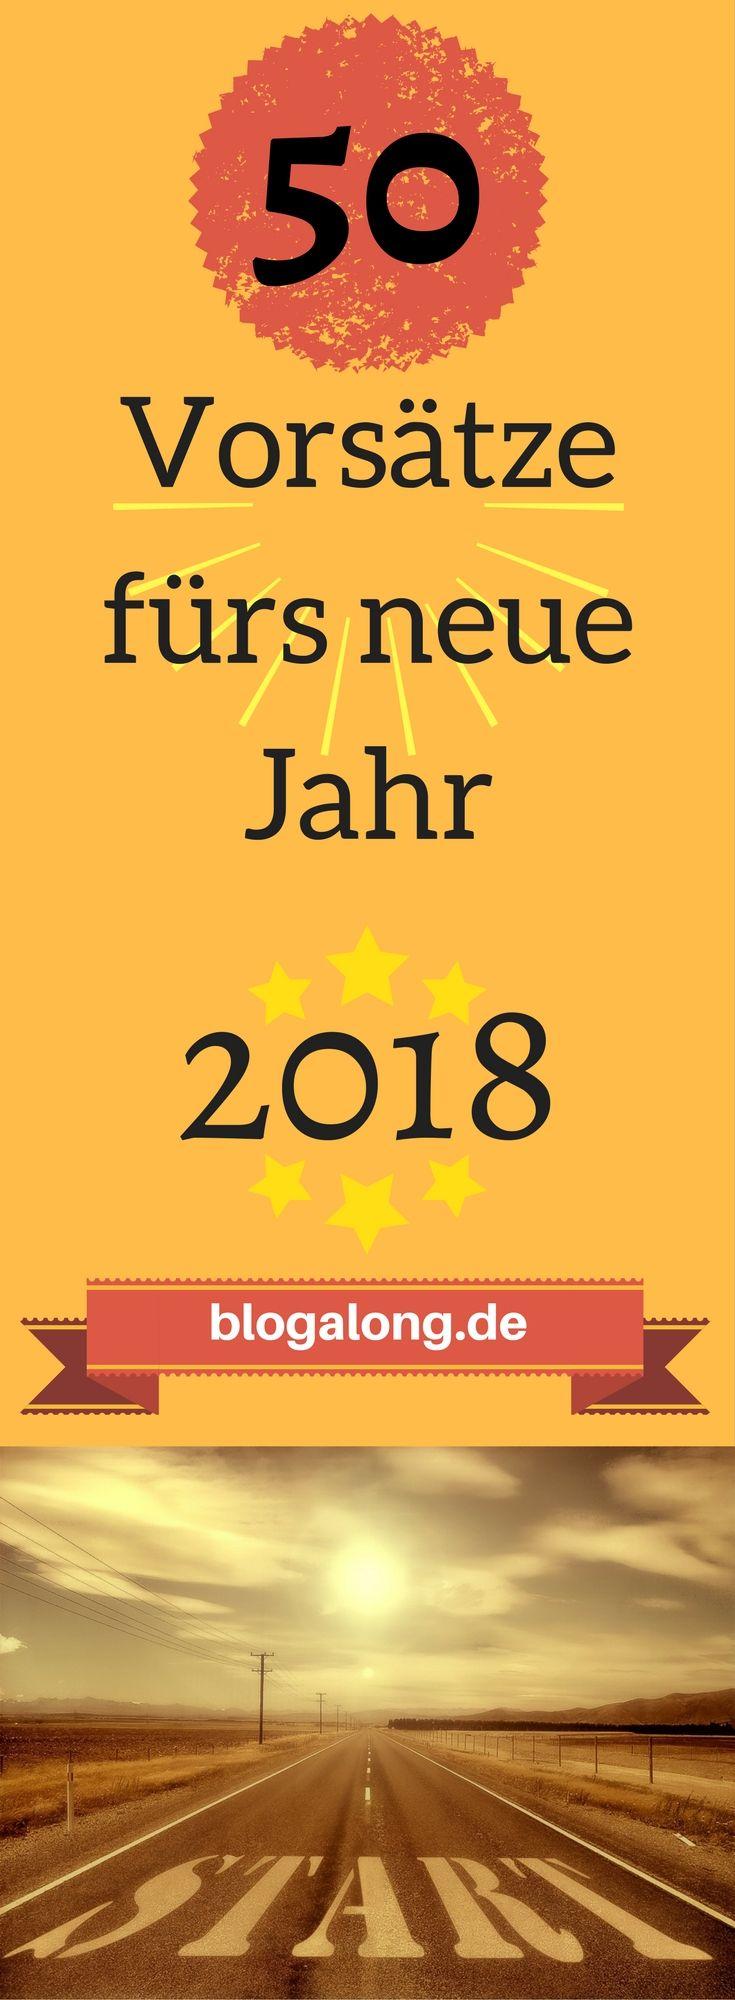 Die ultimative Liste: 50 Vorsätze fürs neue Jahr 2018 #neujahrsvorsätze #vorsätze #silvester #neujahr